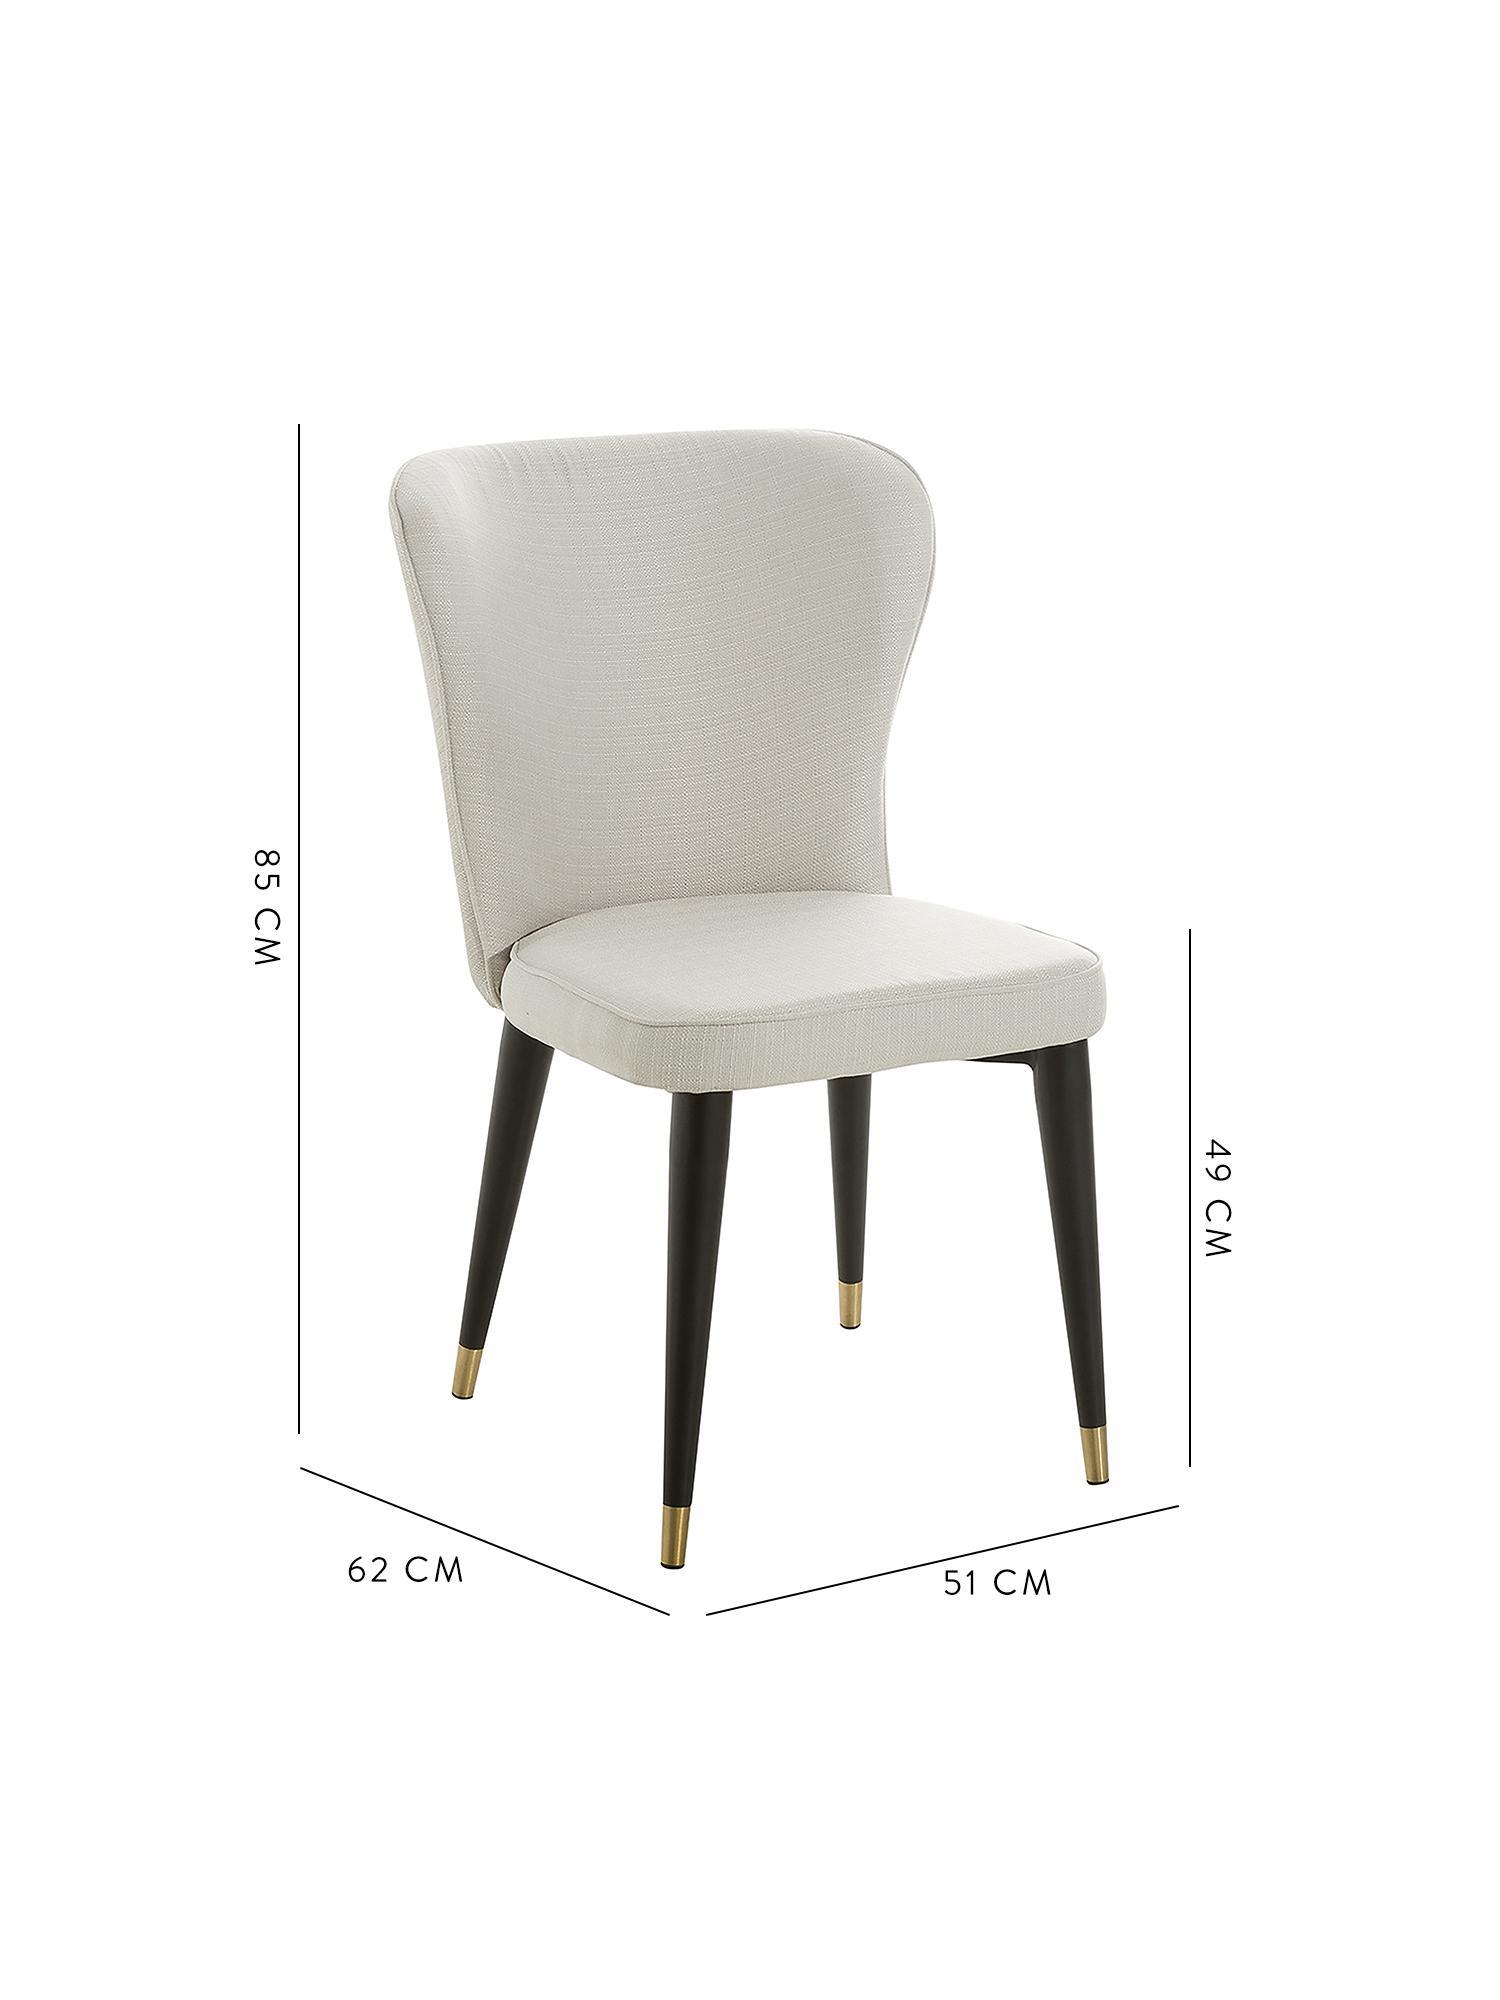 Gestoffeerde stoel Cleo, Bekleding: polyester, Poten: gepoedercoat metaal, Geweven stof crèmewit, 51 x 62 cm